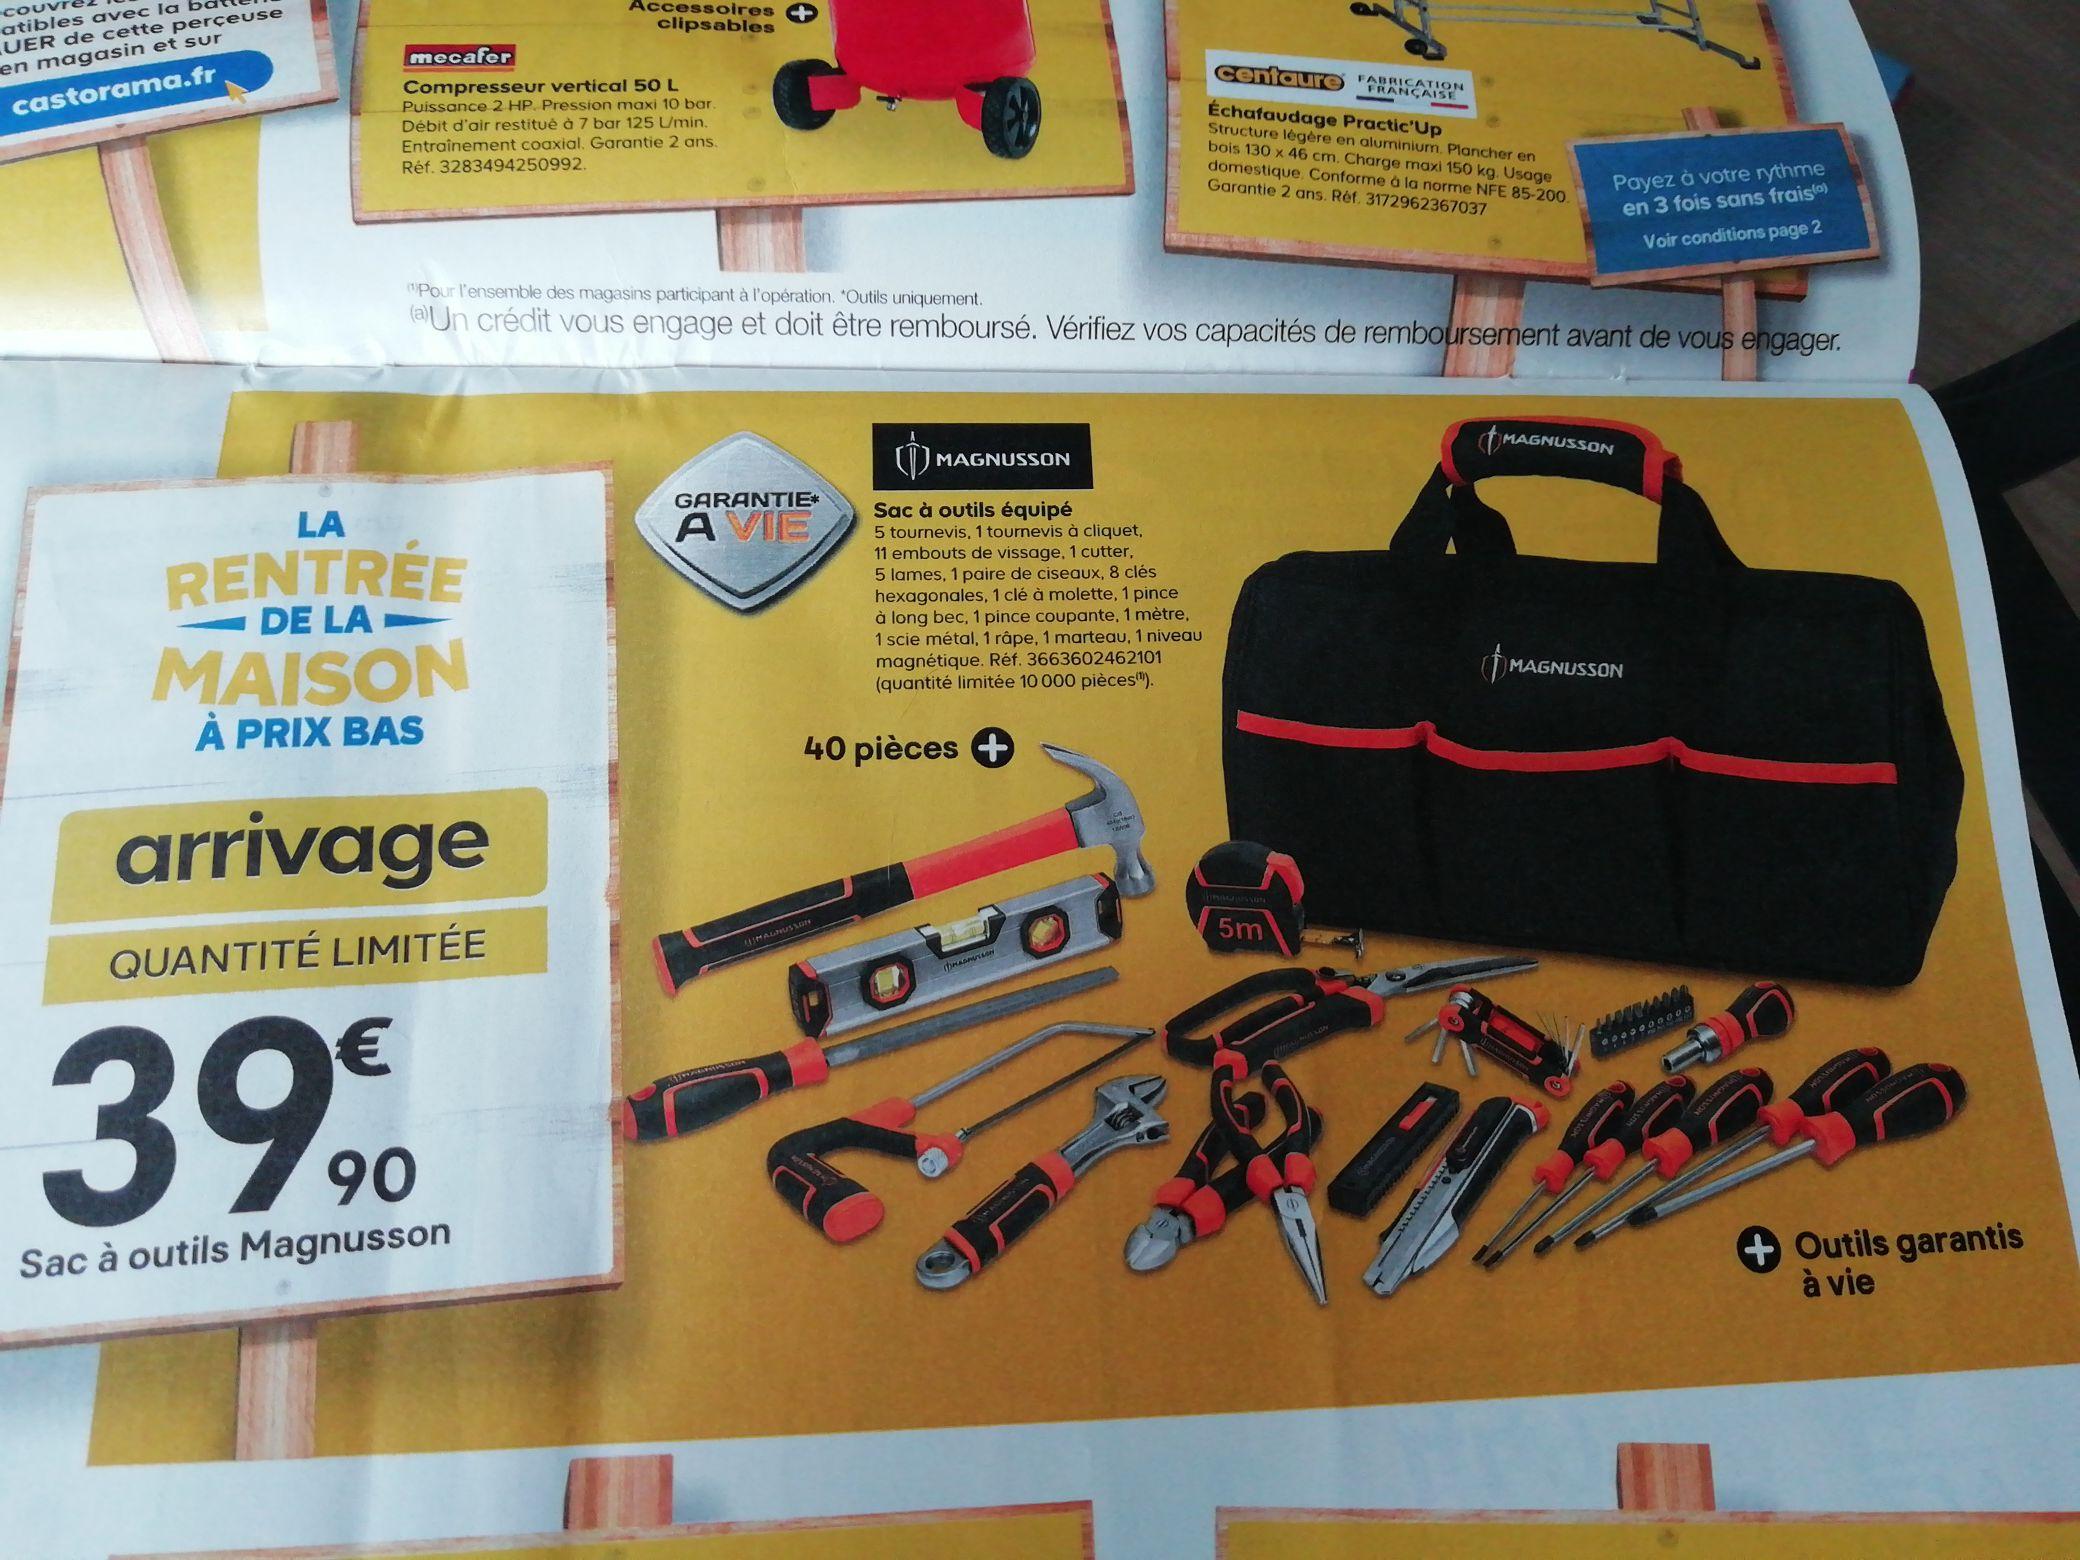 Sac à outils équipé 40 pièces Magnusson